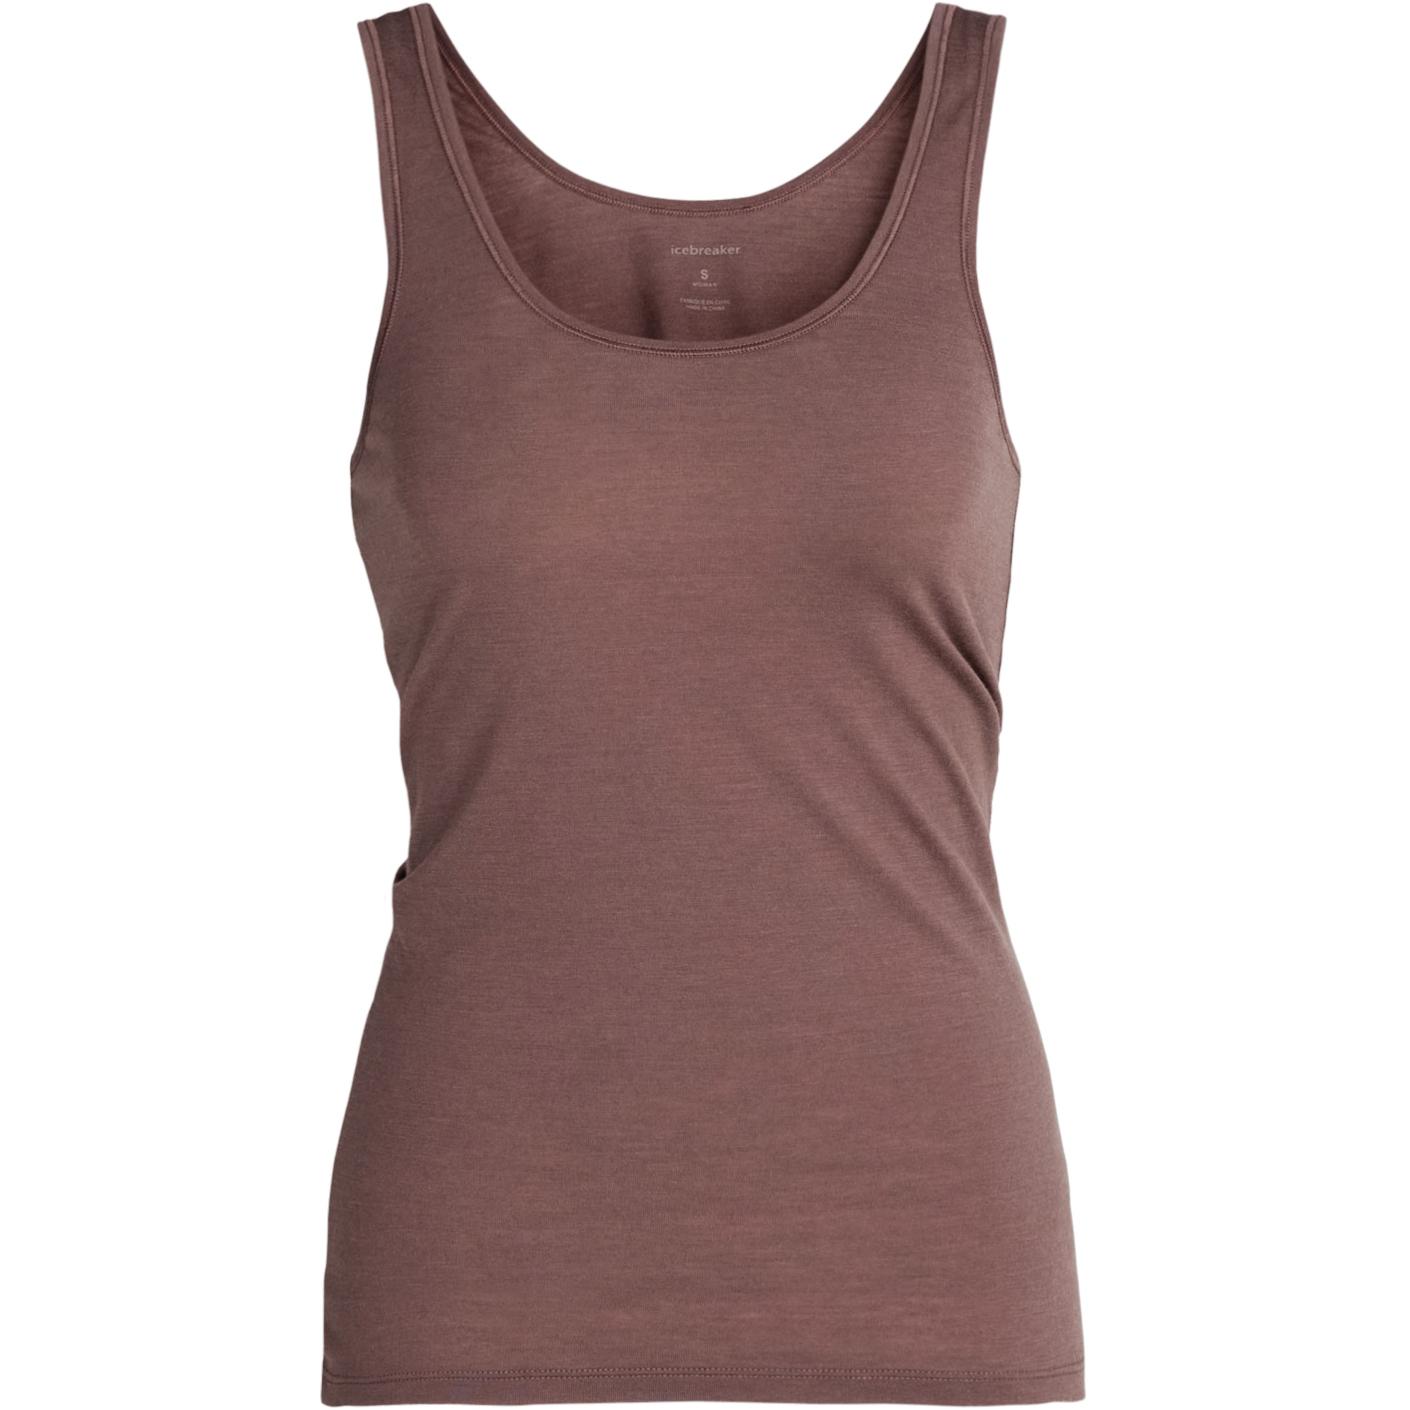 Produktbild von Icebreaker Siren Tank Damen Trägerhemd - Mink